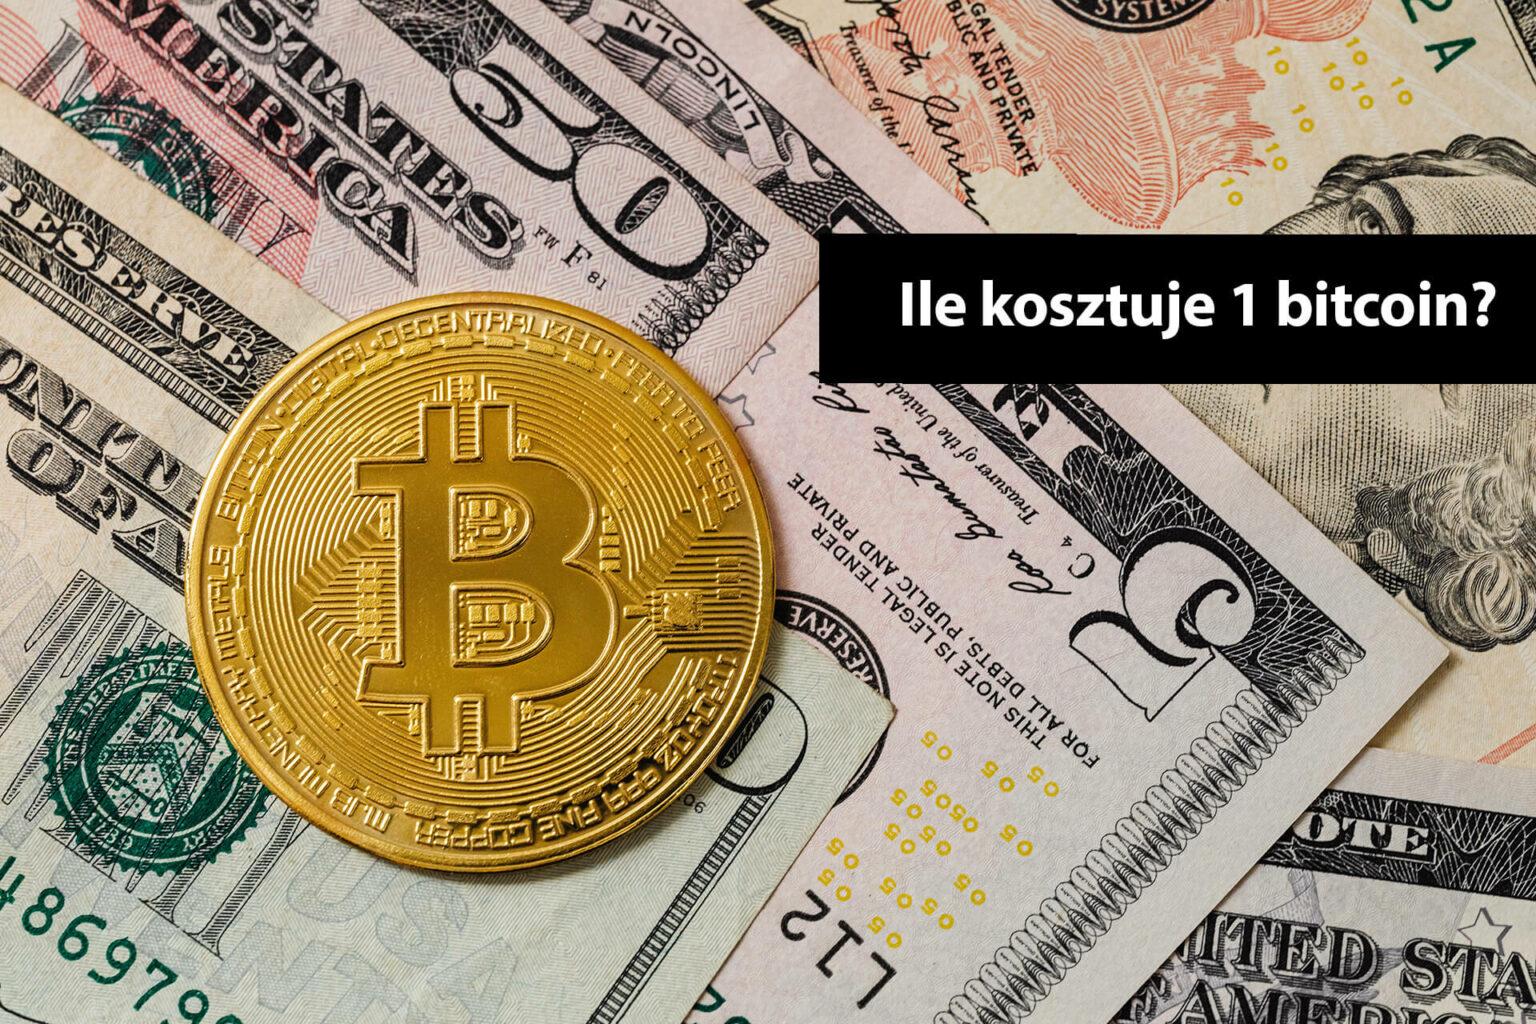 1 bitcoin ile to pln